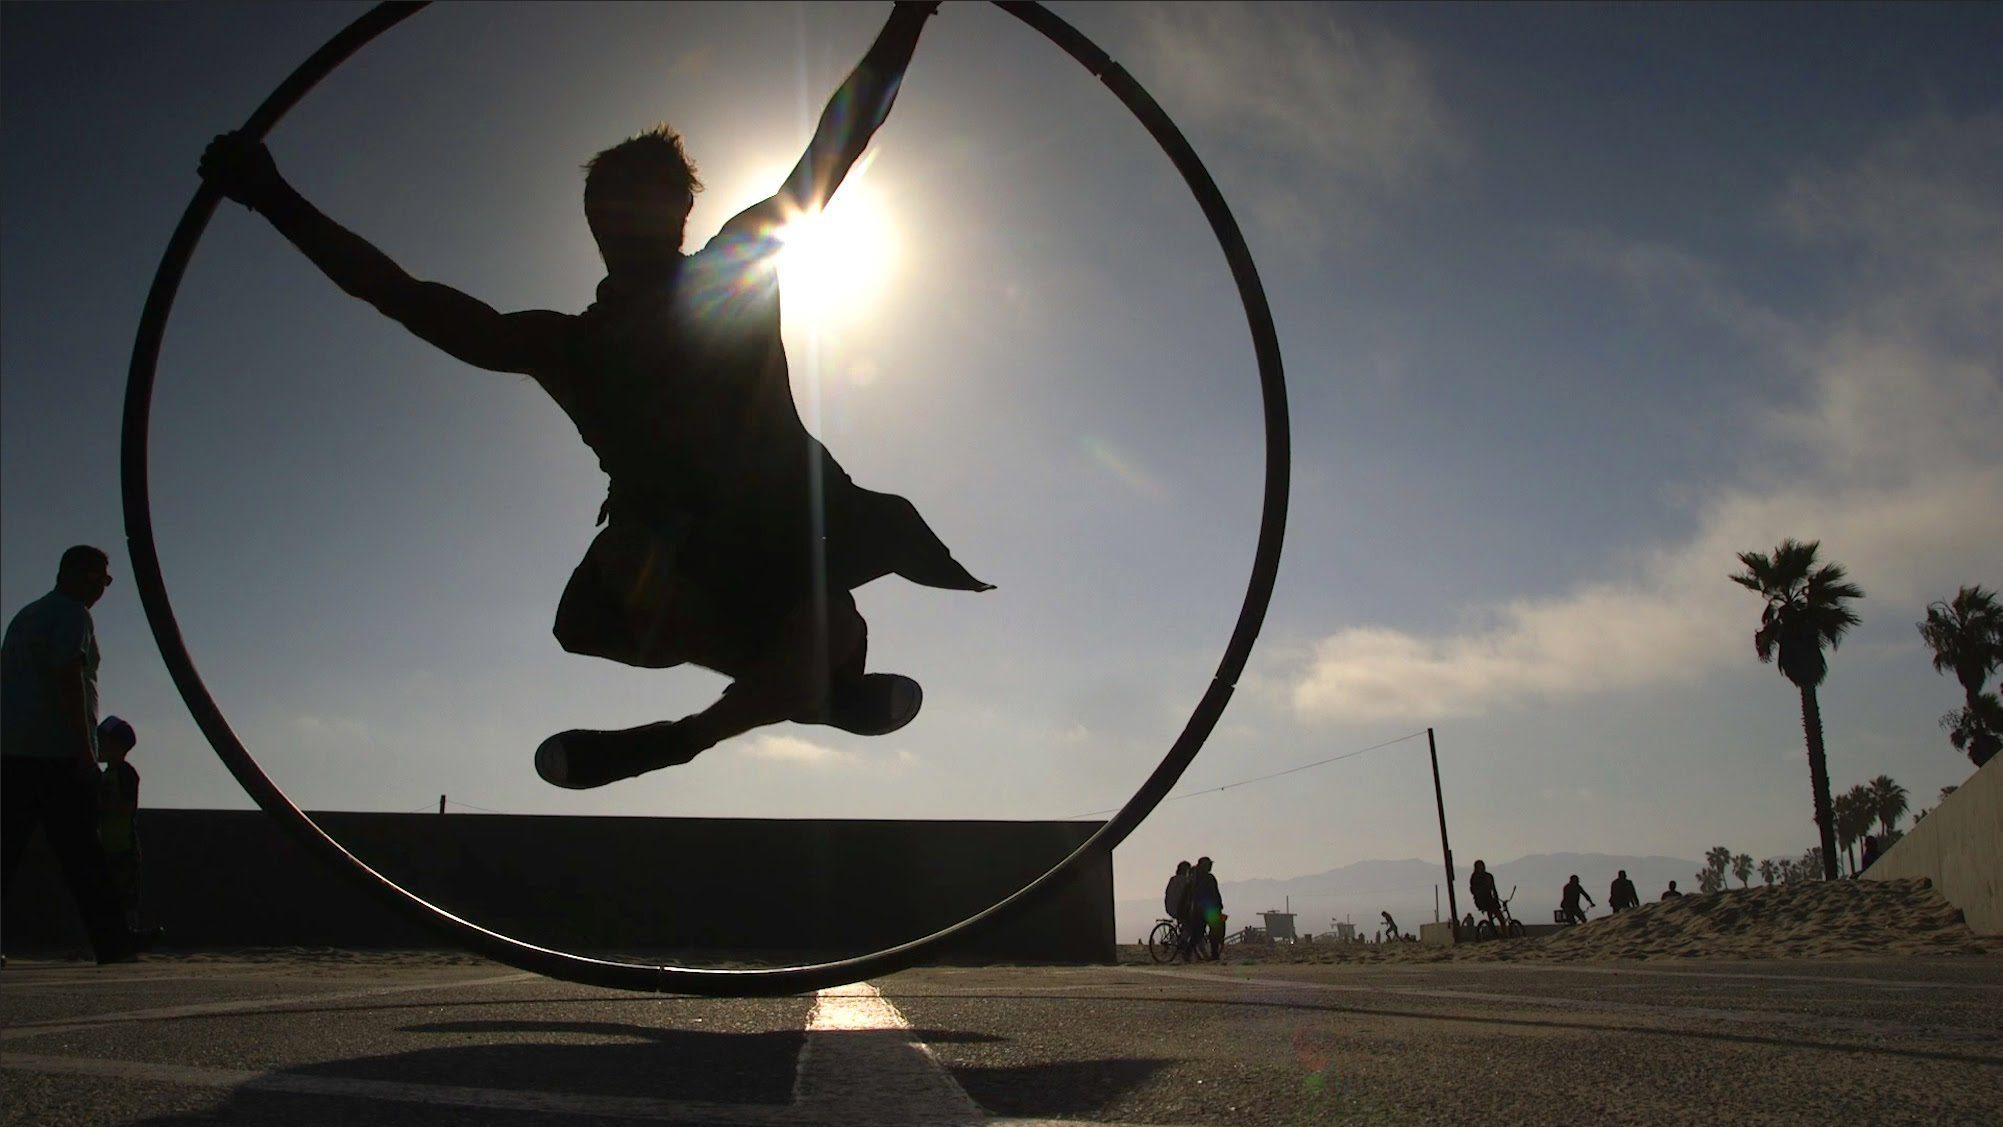 A képen a táncos körvonalait látjuk a lenyugvó nap fényében, ahogy megpördíti a karikát, miközben töröküléses pozíciót felvéve lóg benne, lírai fotó.